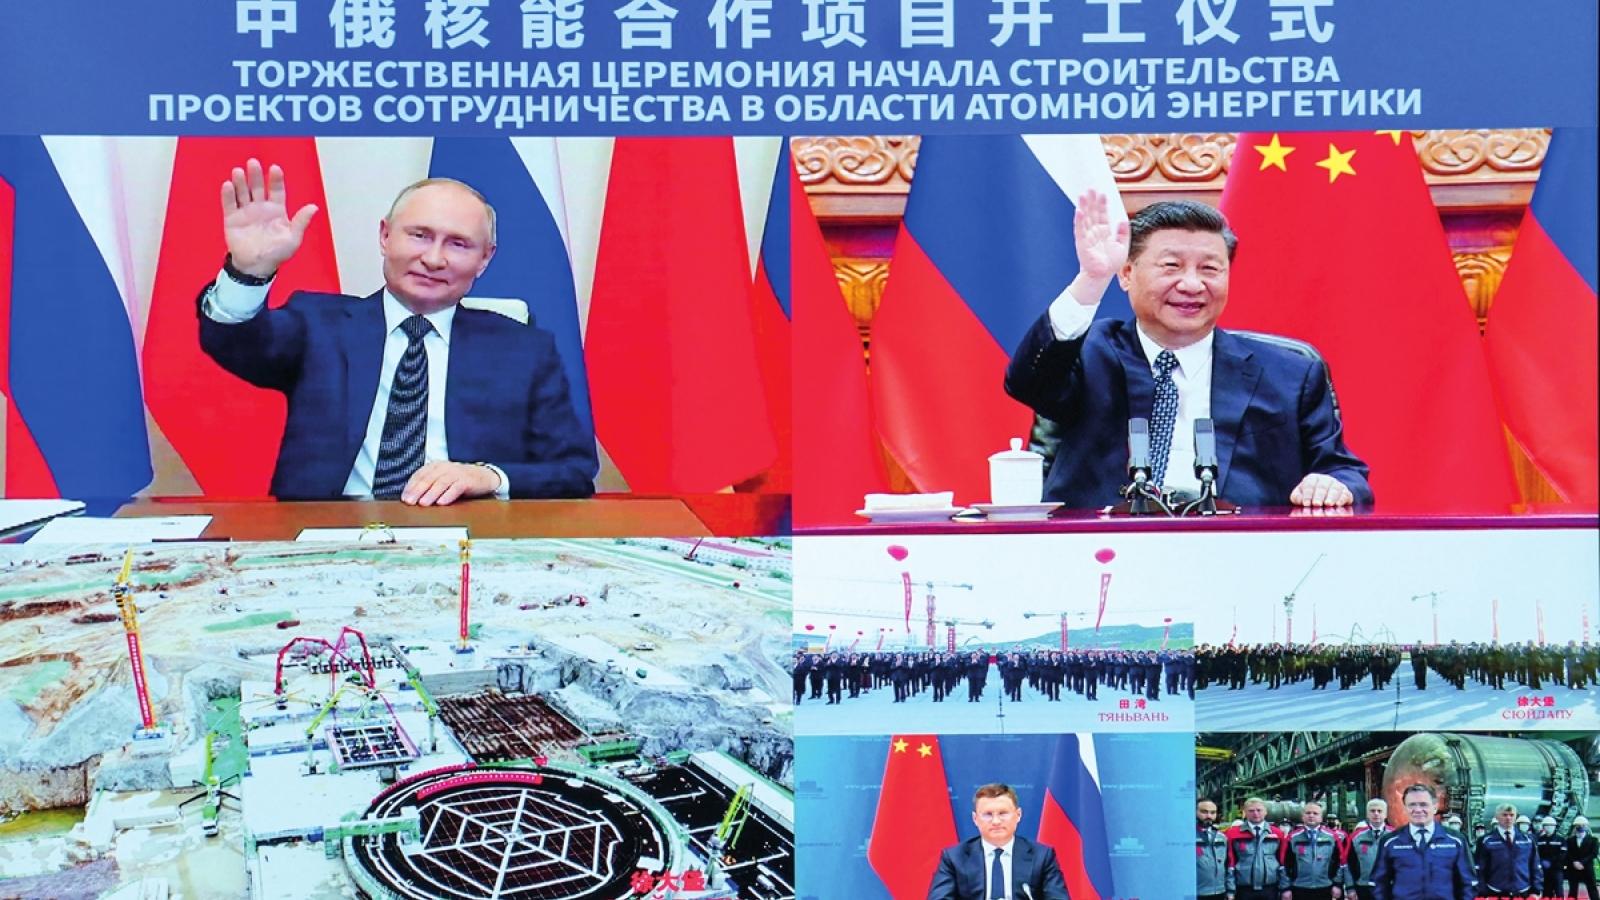 Chủ tịch Trung Quốc: Điện hạt nhân là hợp tác ưu tiên chiến lược với Nga